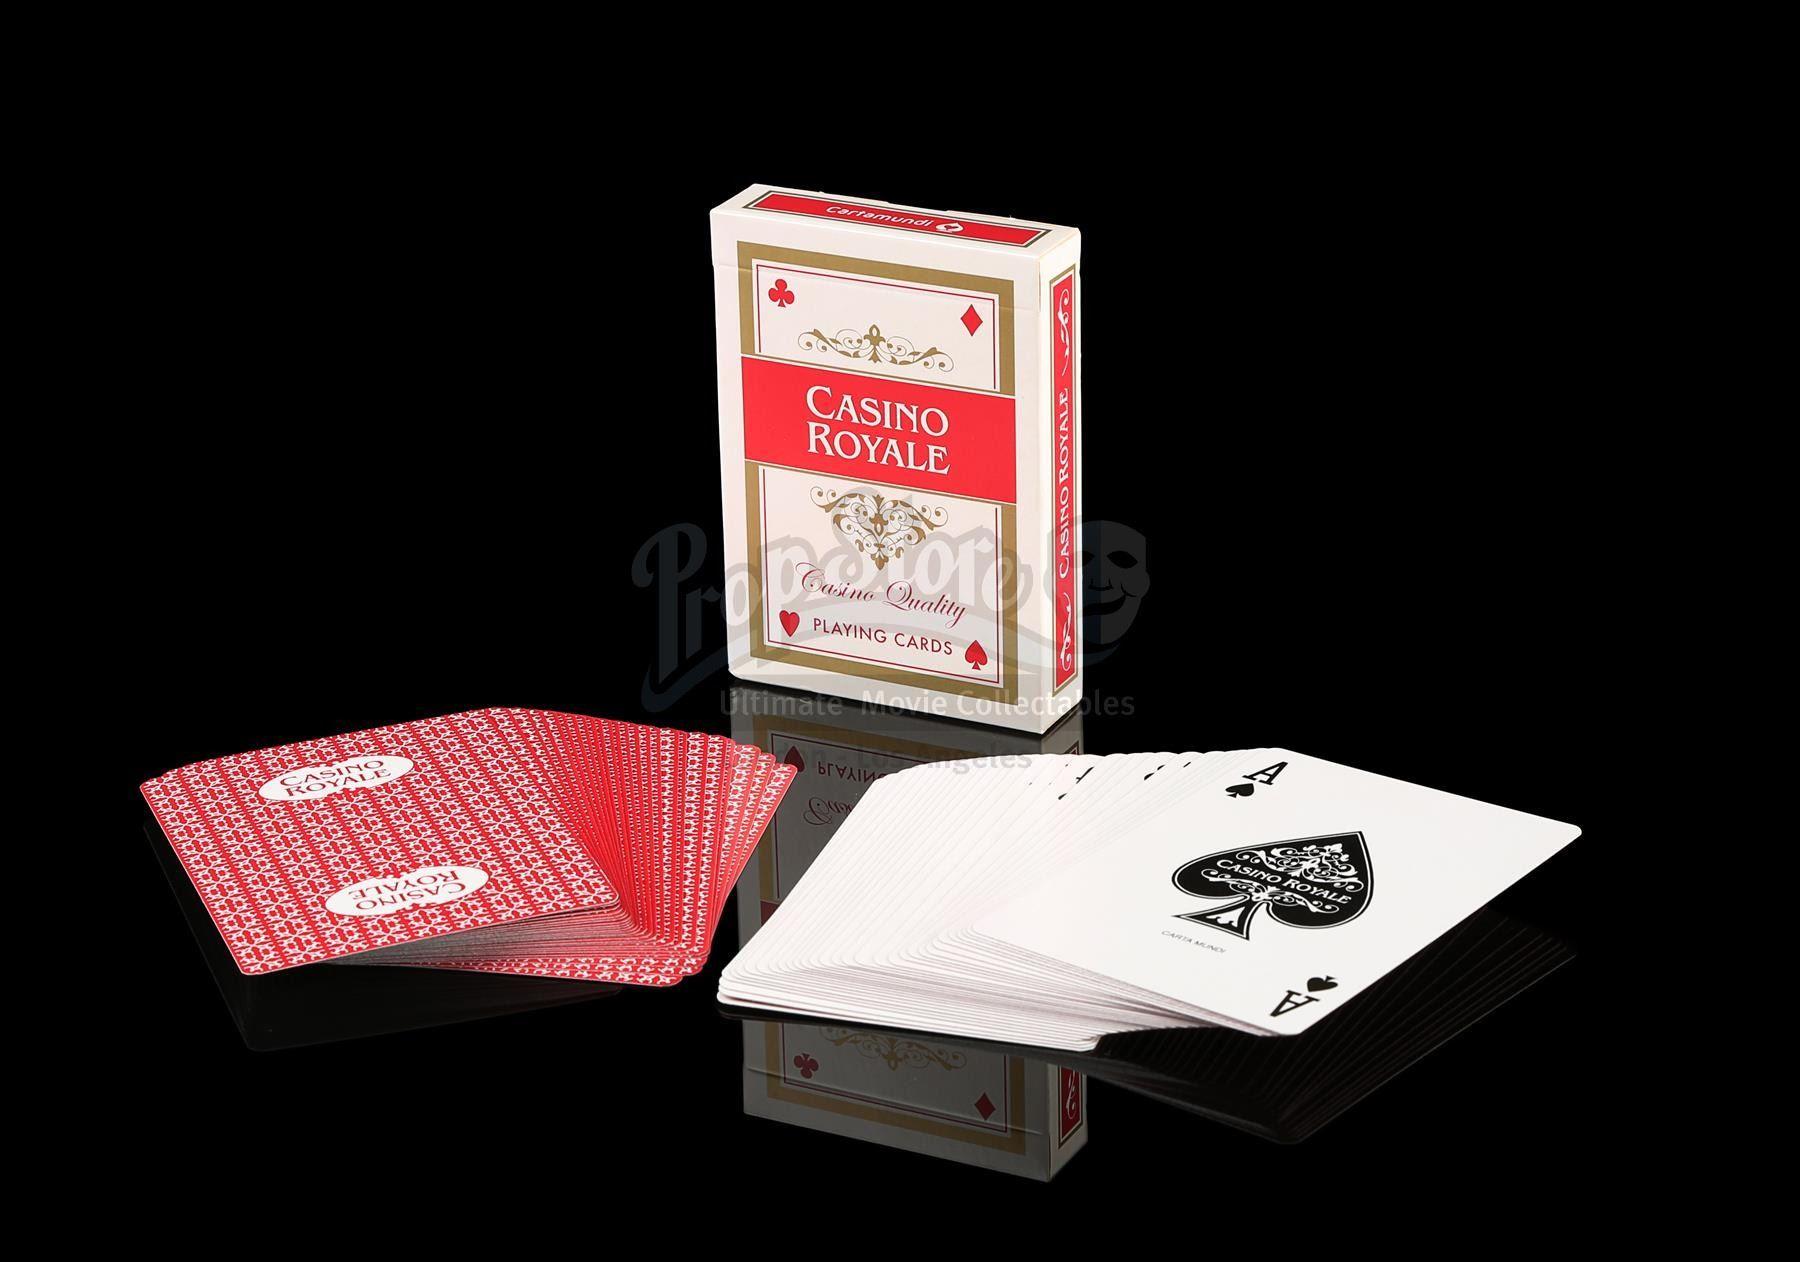 Casino royale playing map las vegas casinos 2011